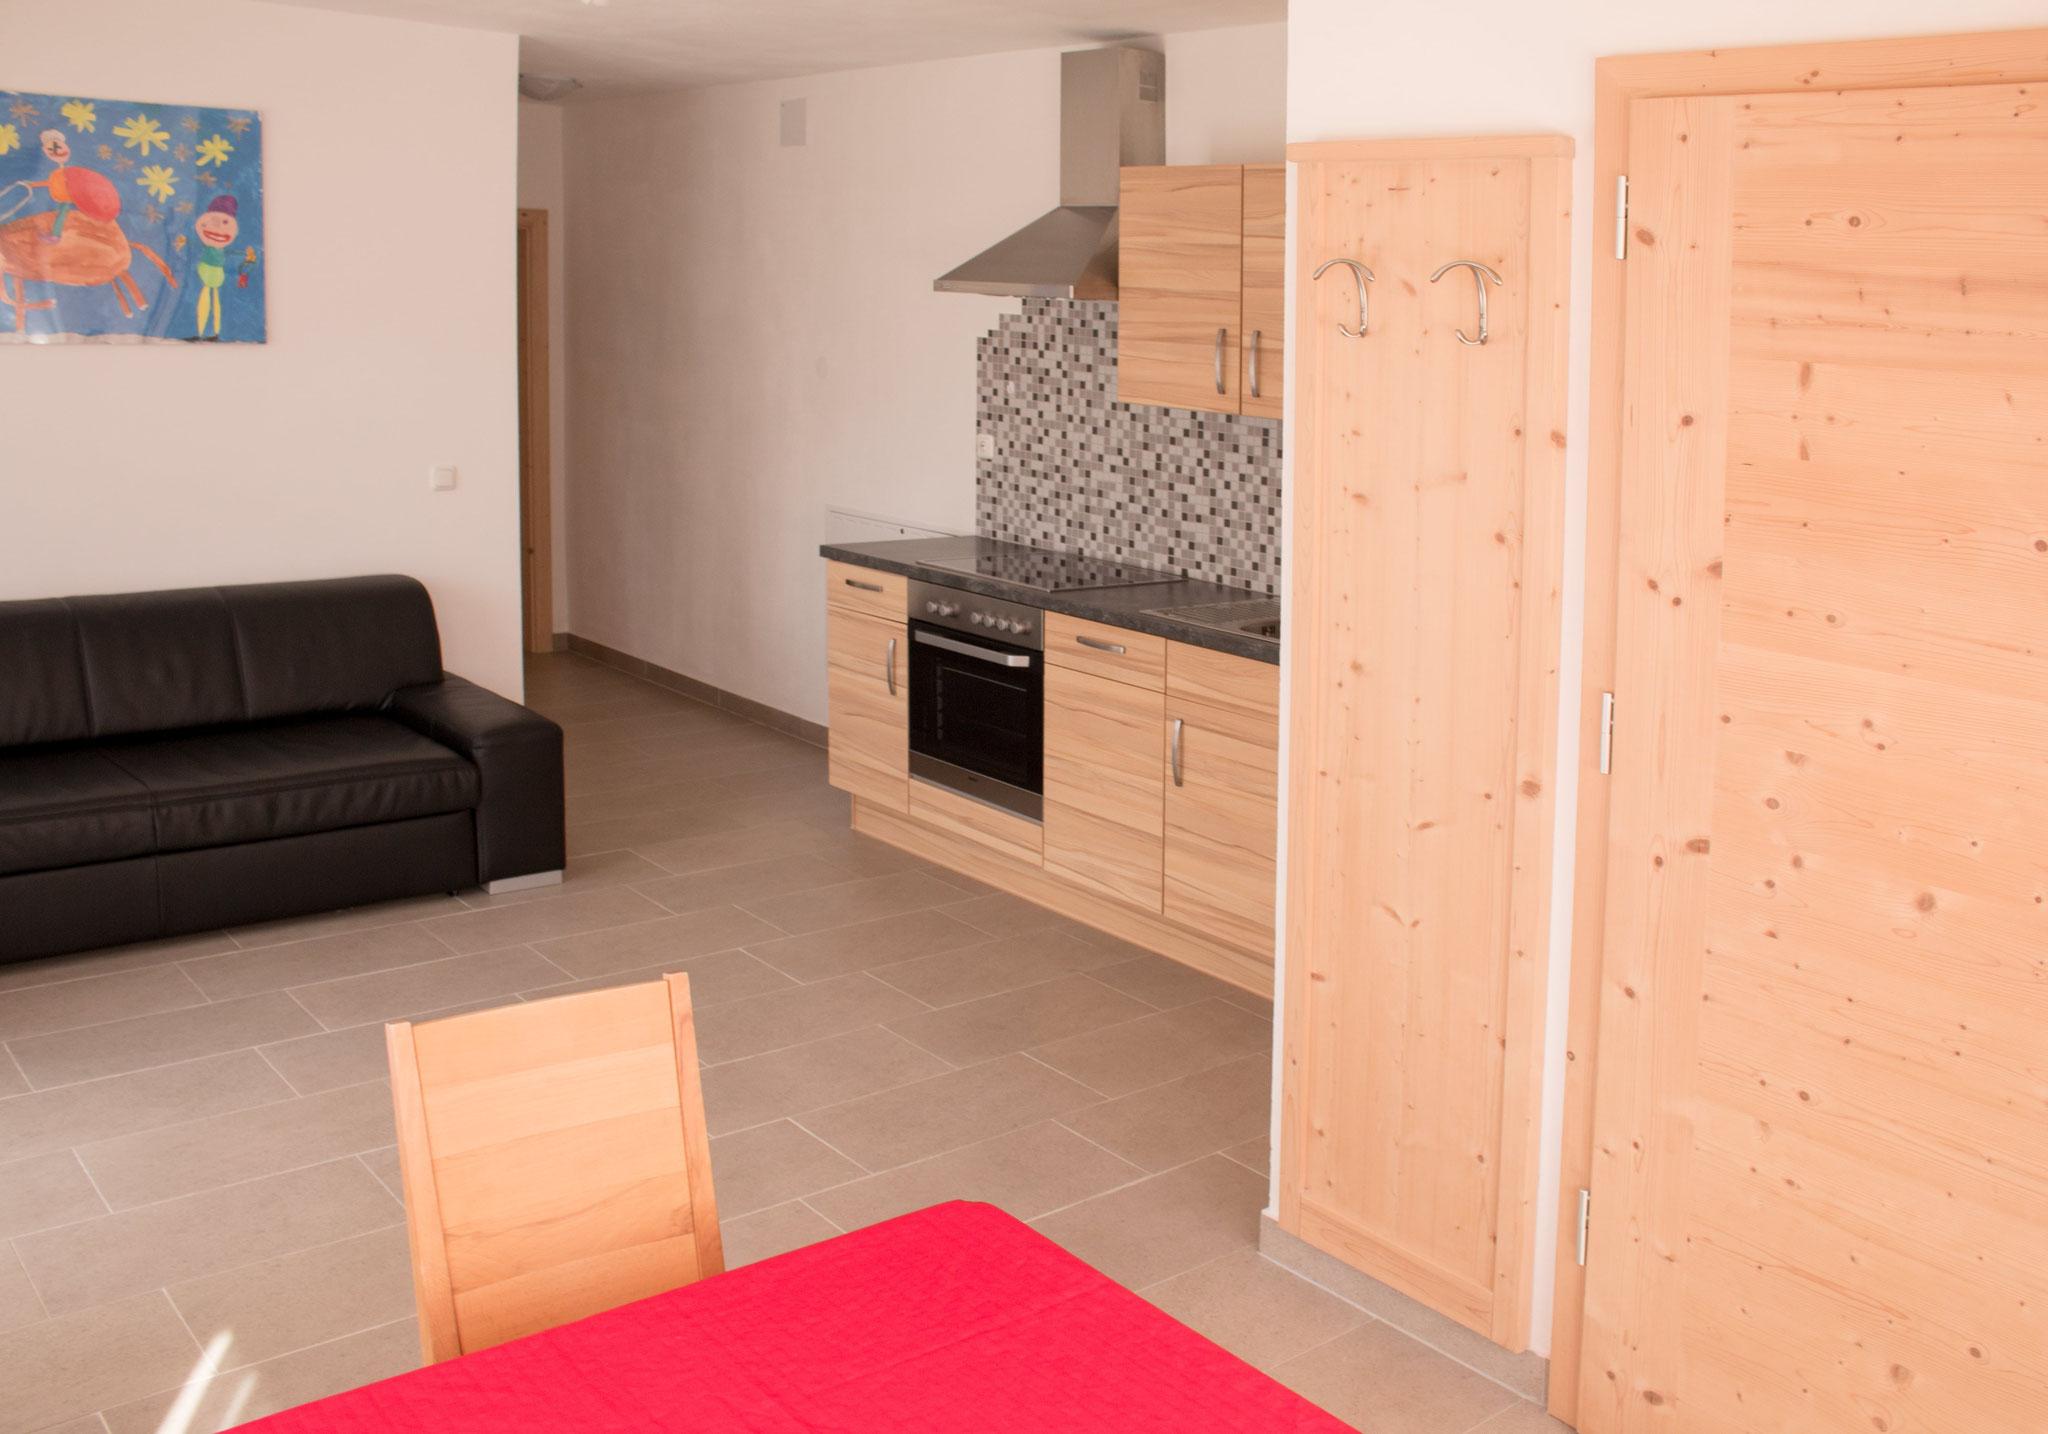 Wohnbereich mit Küche und Couch